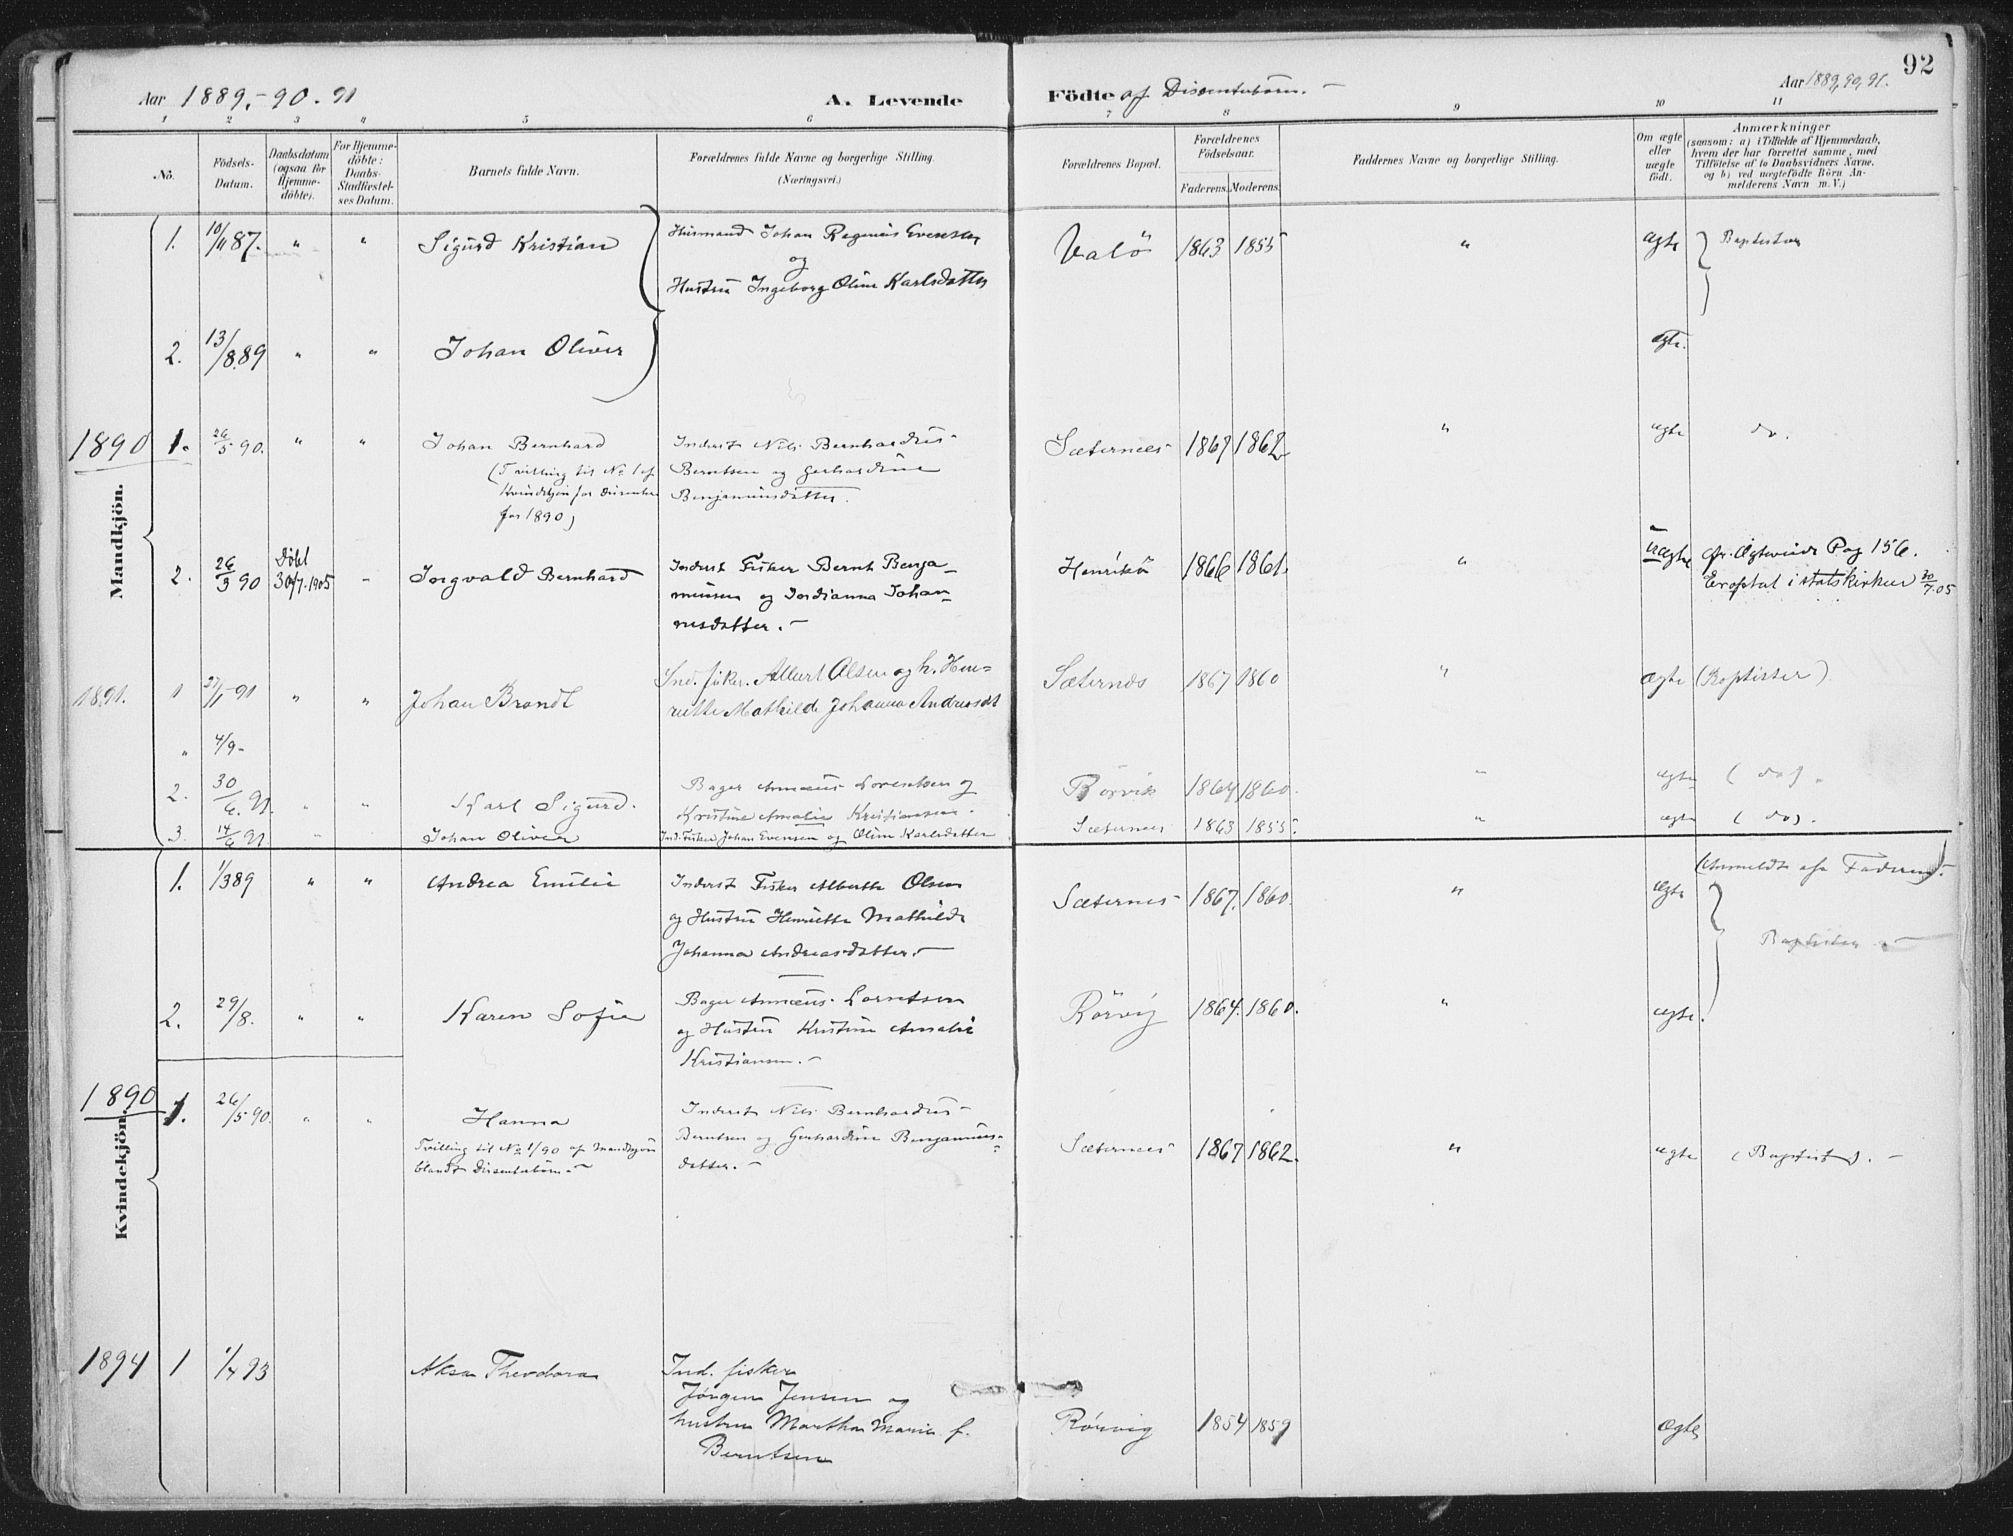 SAT, Ministerialprotokoller, klokkerbøker og fødselsregistre - Nord-Trøndelag, 786/L0687: Ministerialbok nr. 786A03, 1888-1898, s. 92